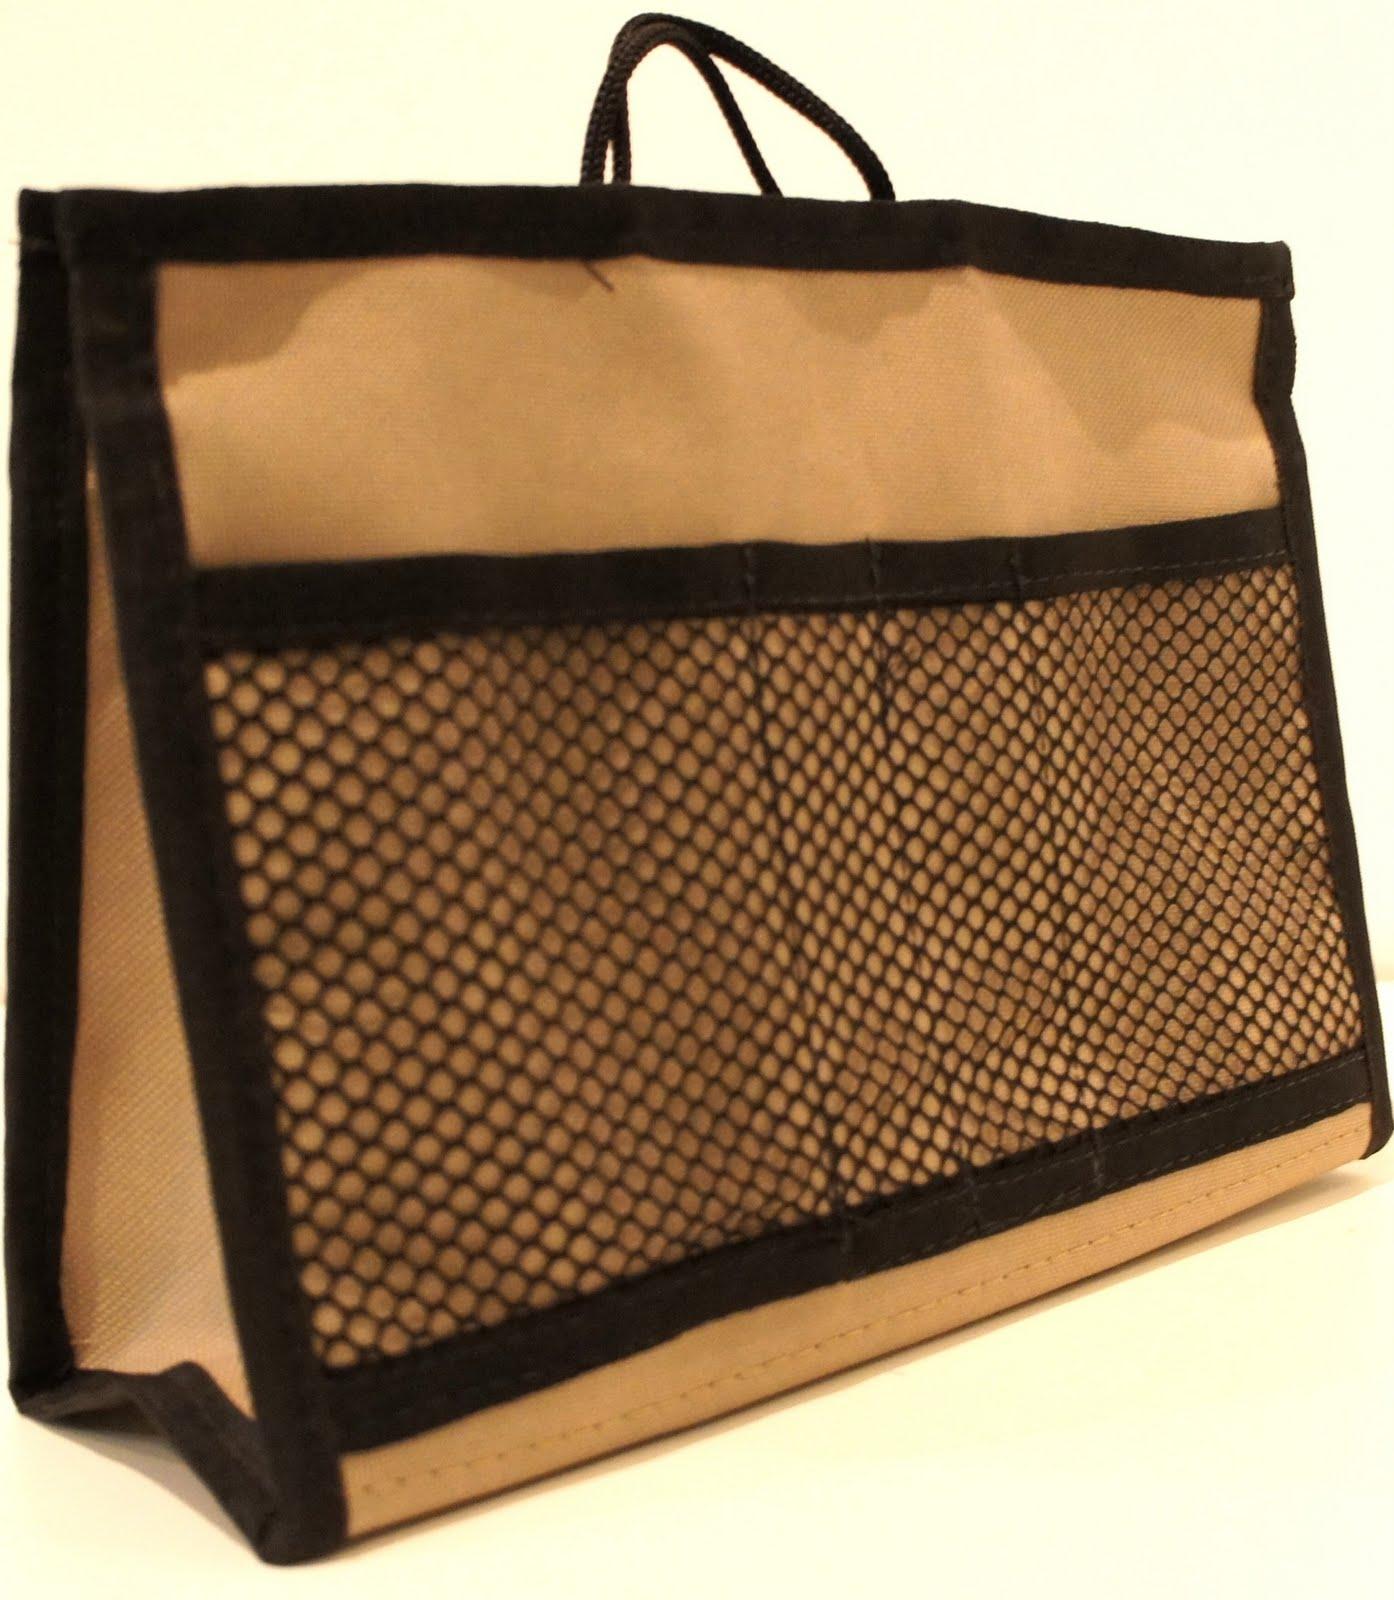 Organiza o organizador de bolsa - Organizador de bolsas de plastico ...